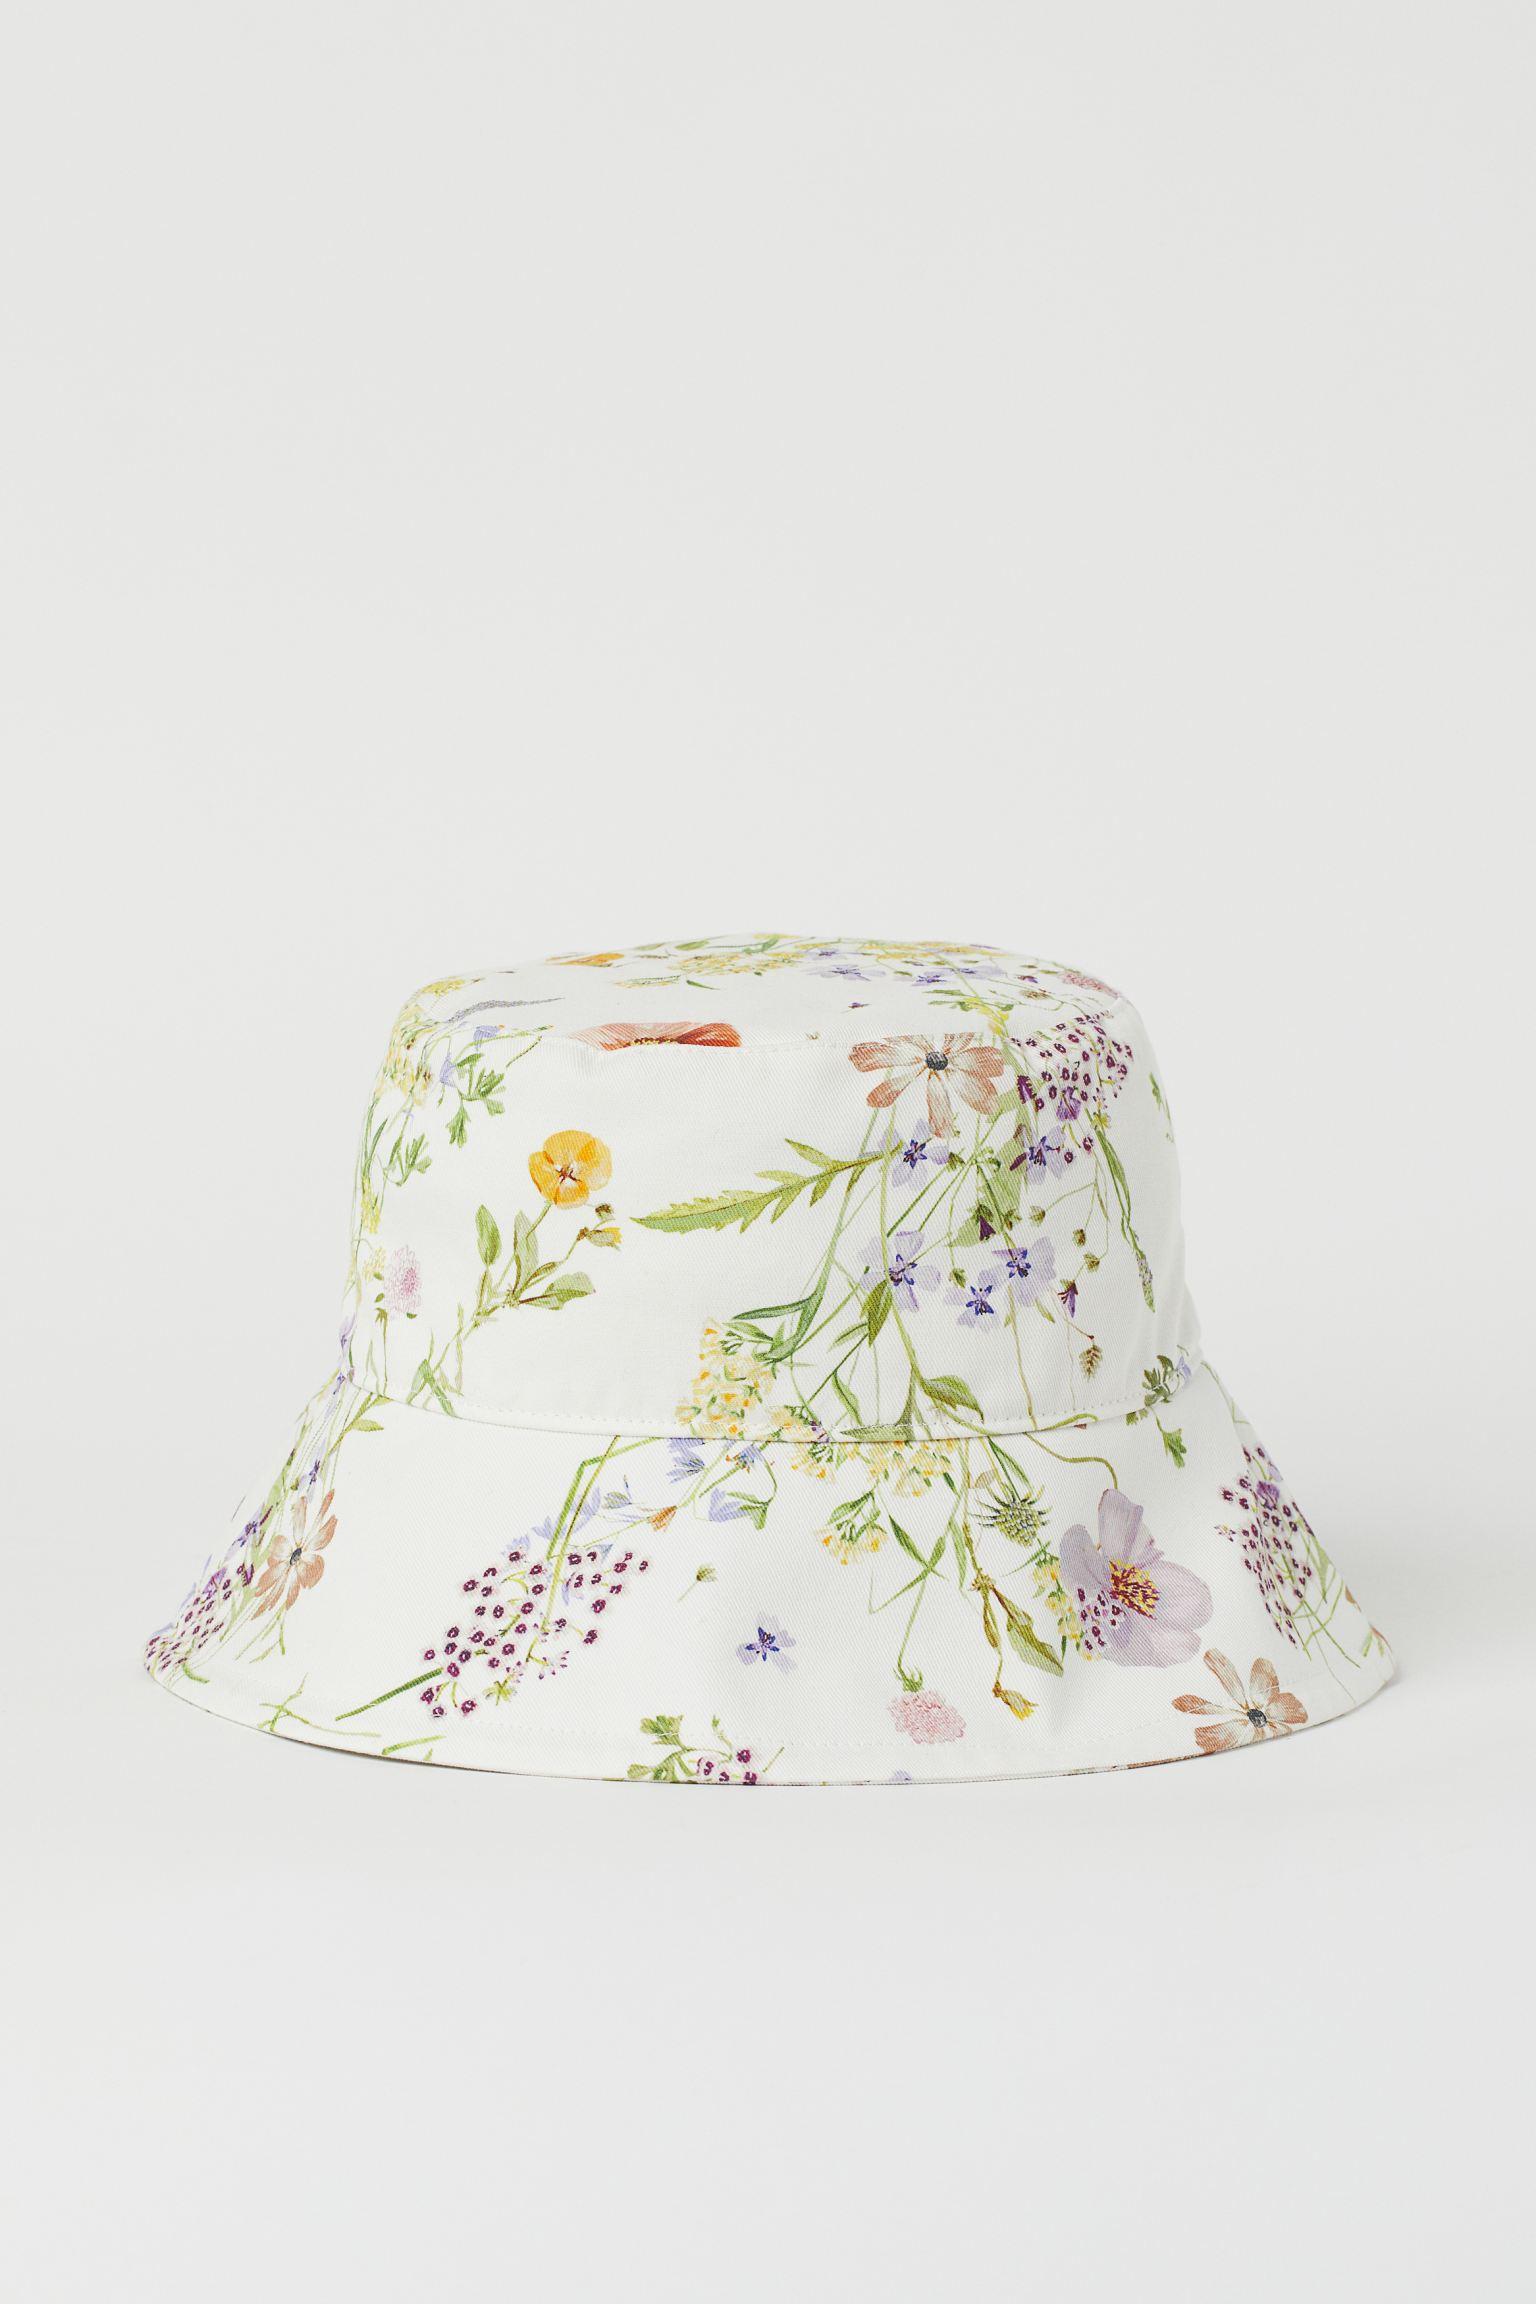 Sombrero bucket en sarga de algodón con cinta antisudor. Forrado. Ancho del ala 8,5 cm. Confeccionado en algodón reciclado, este sombrero forma parte de nuestra colección de flores silvestres pintadas a mano.